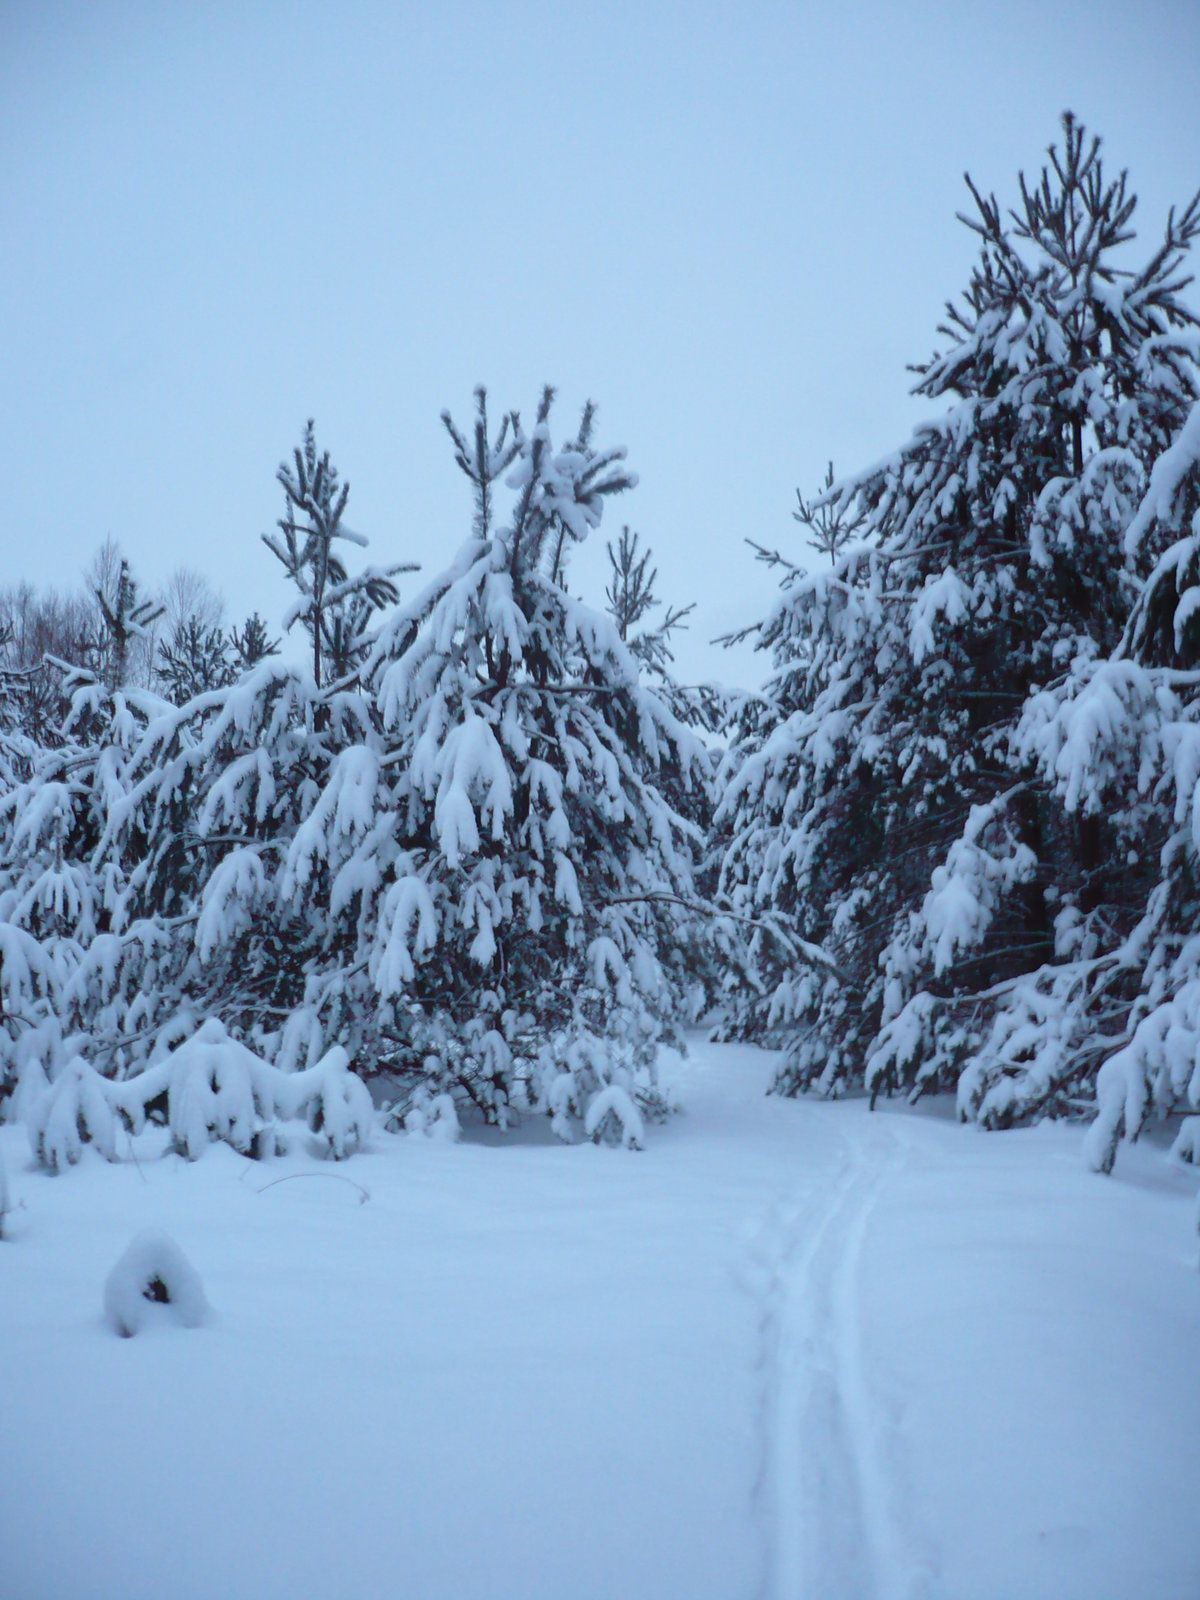 числе первых непрофессиональные фото зима только выложить начинку